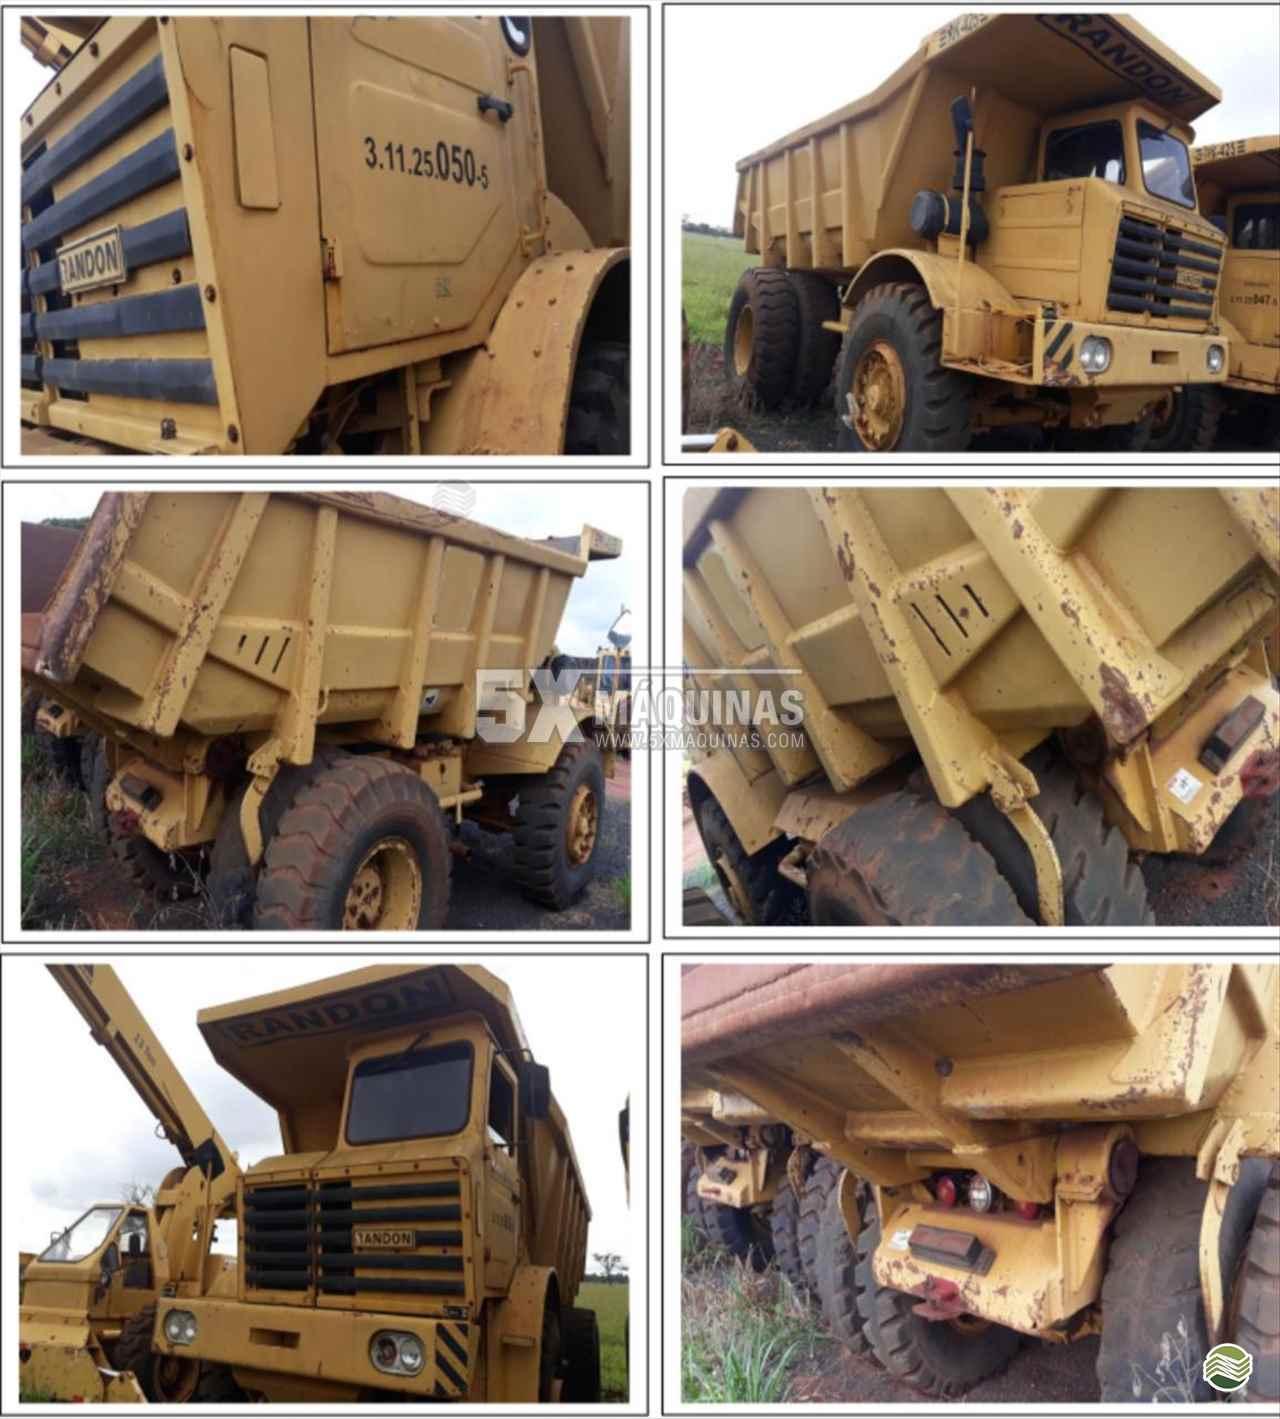 CAMINHAO RANDON RK 425 Caçamba Basculante Toco 4x2 5X Máquinas  CAMPO GRANDE MATO GROSSO DO SUL MS